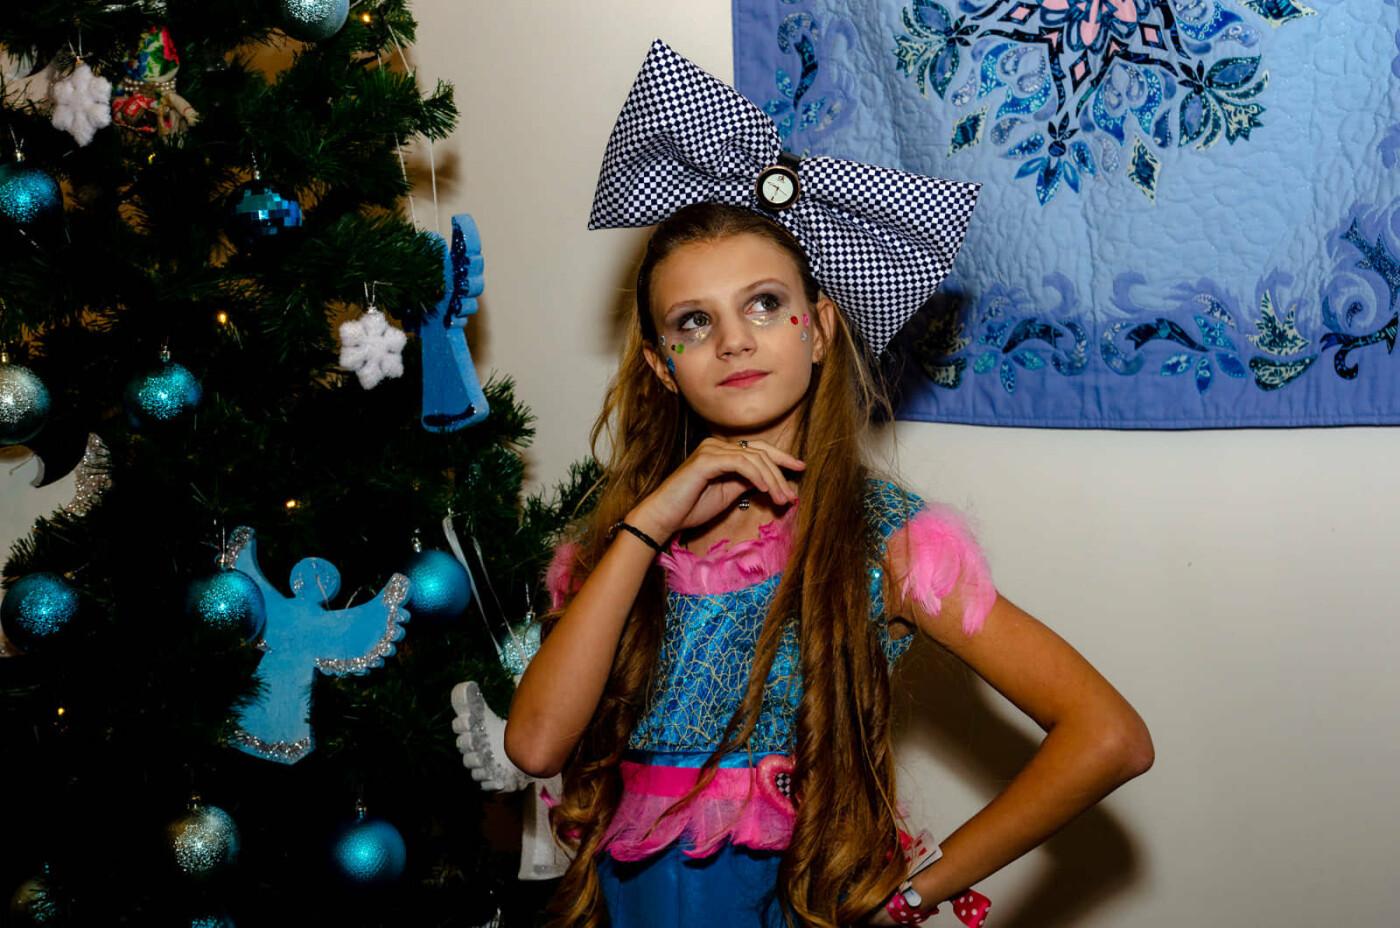 Юная дружковчанка представила собственную коллекцию одежды в резиденции Святого Николая (ФОТО), фото-1